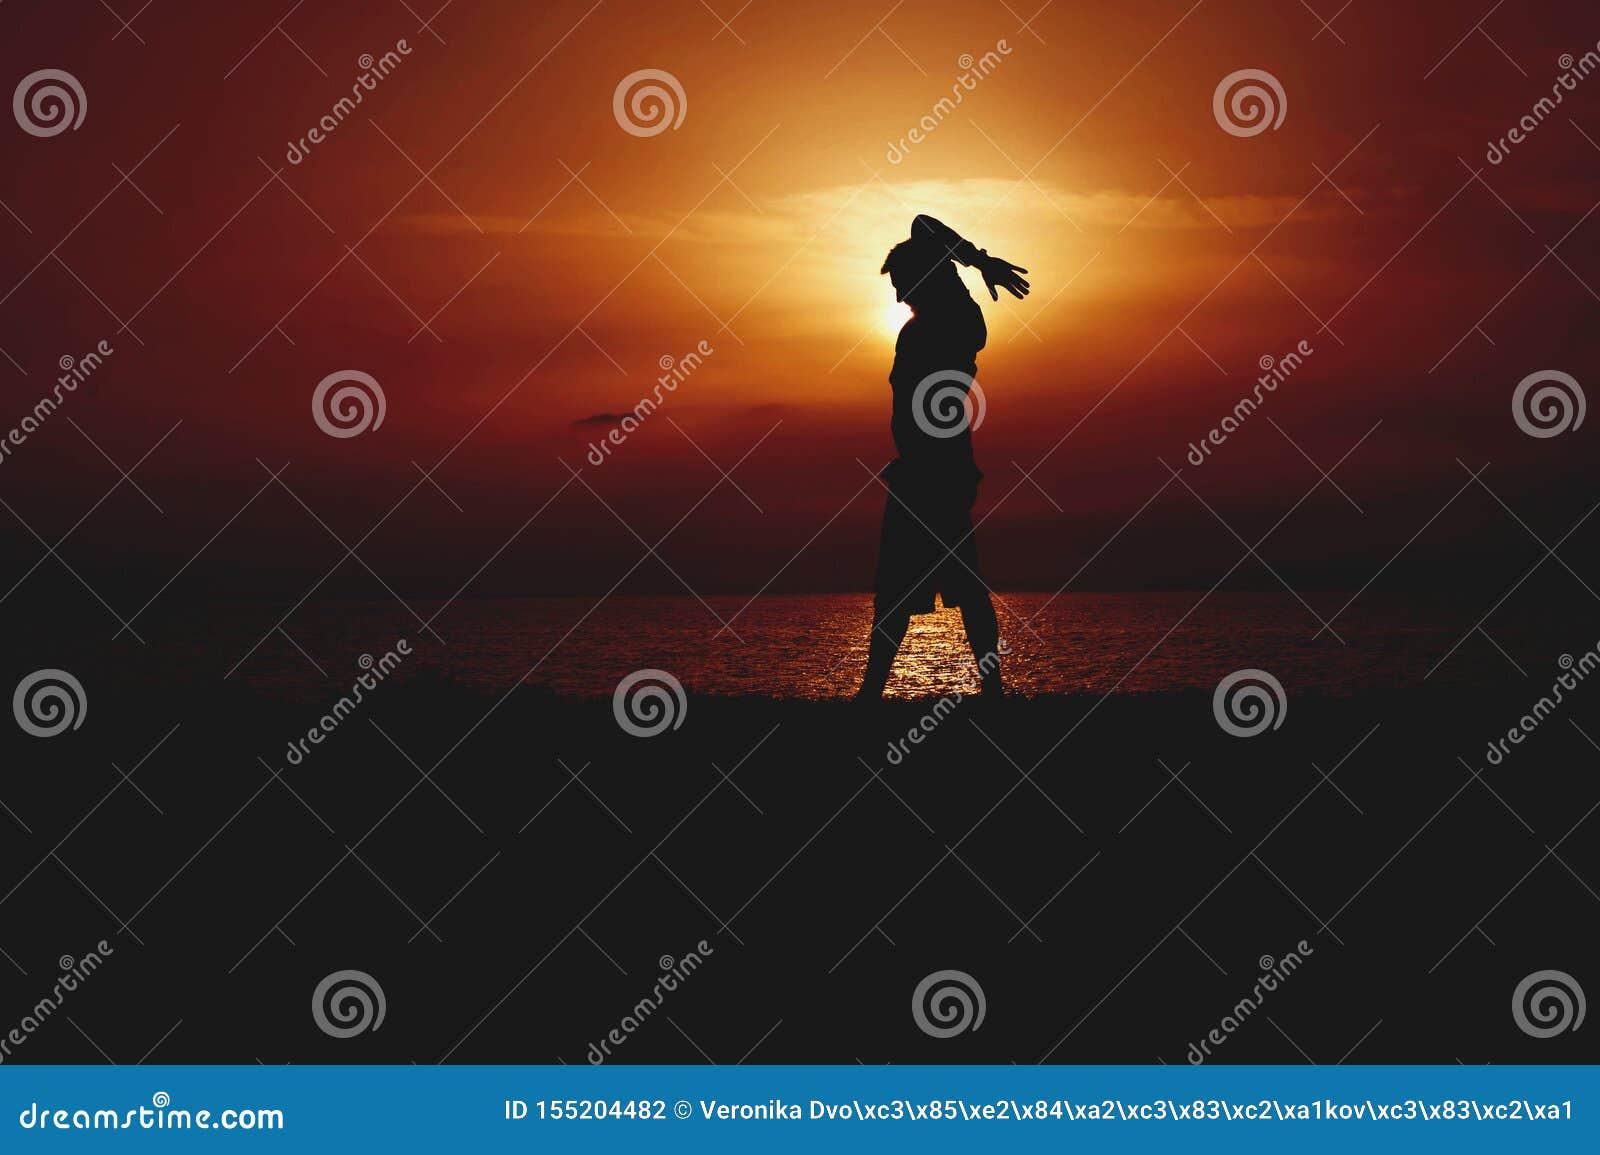 Σκιαγραφία της γιόγκας άσκησης νεαρών άνδρων Πορτοκαλί ηλιοβασίλεμα Seacoast